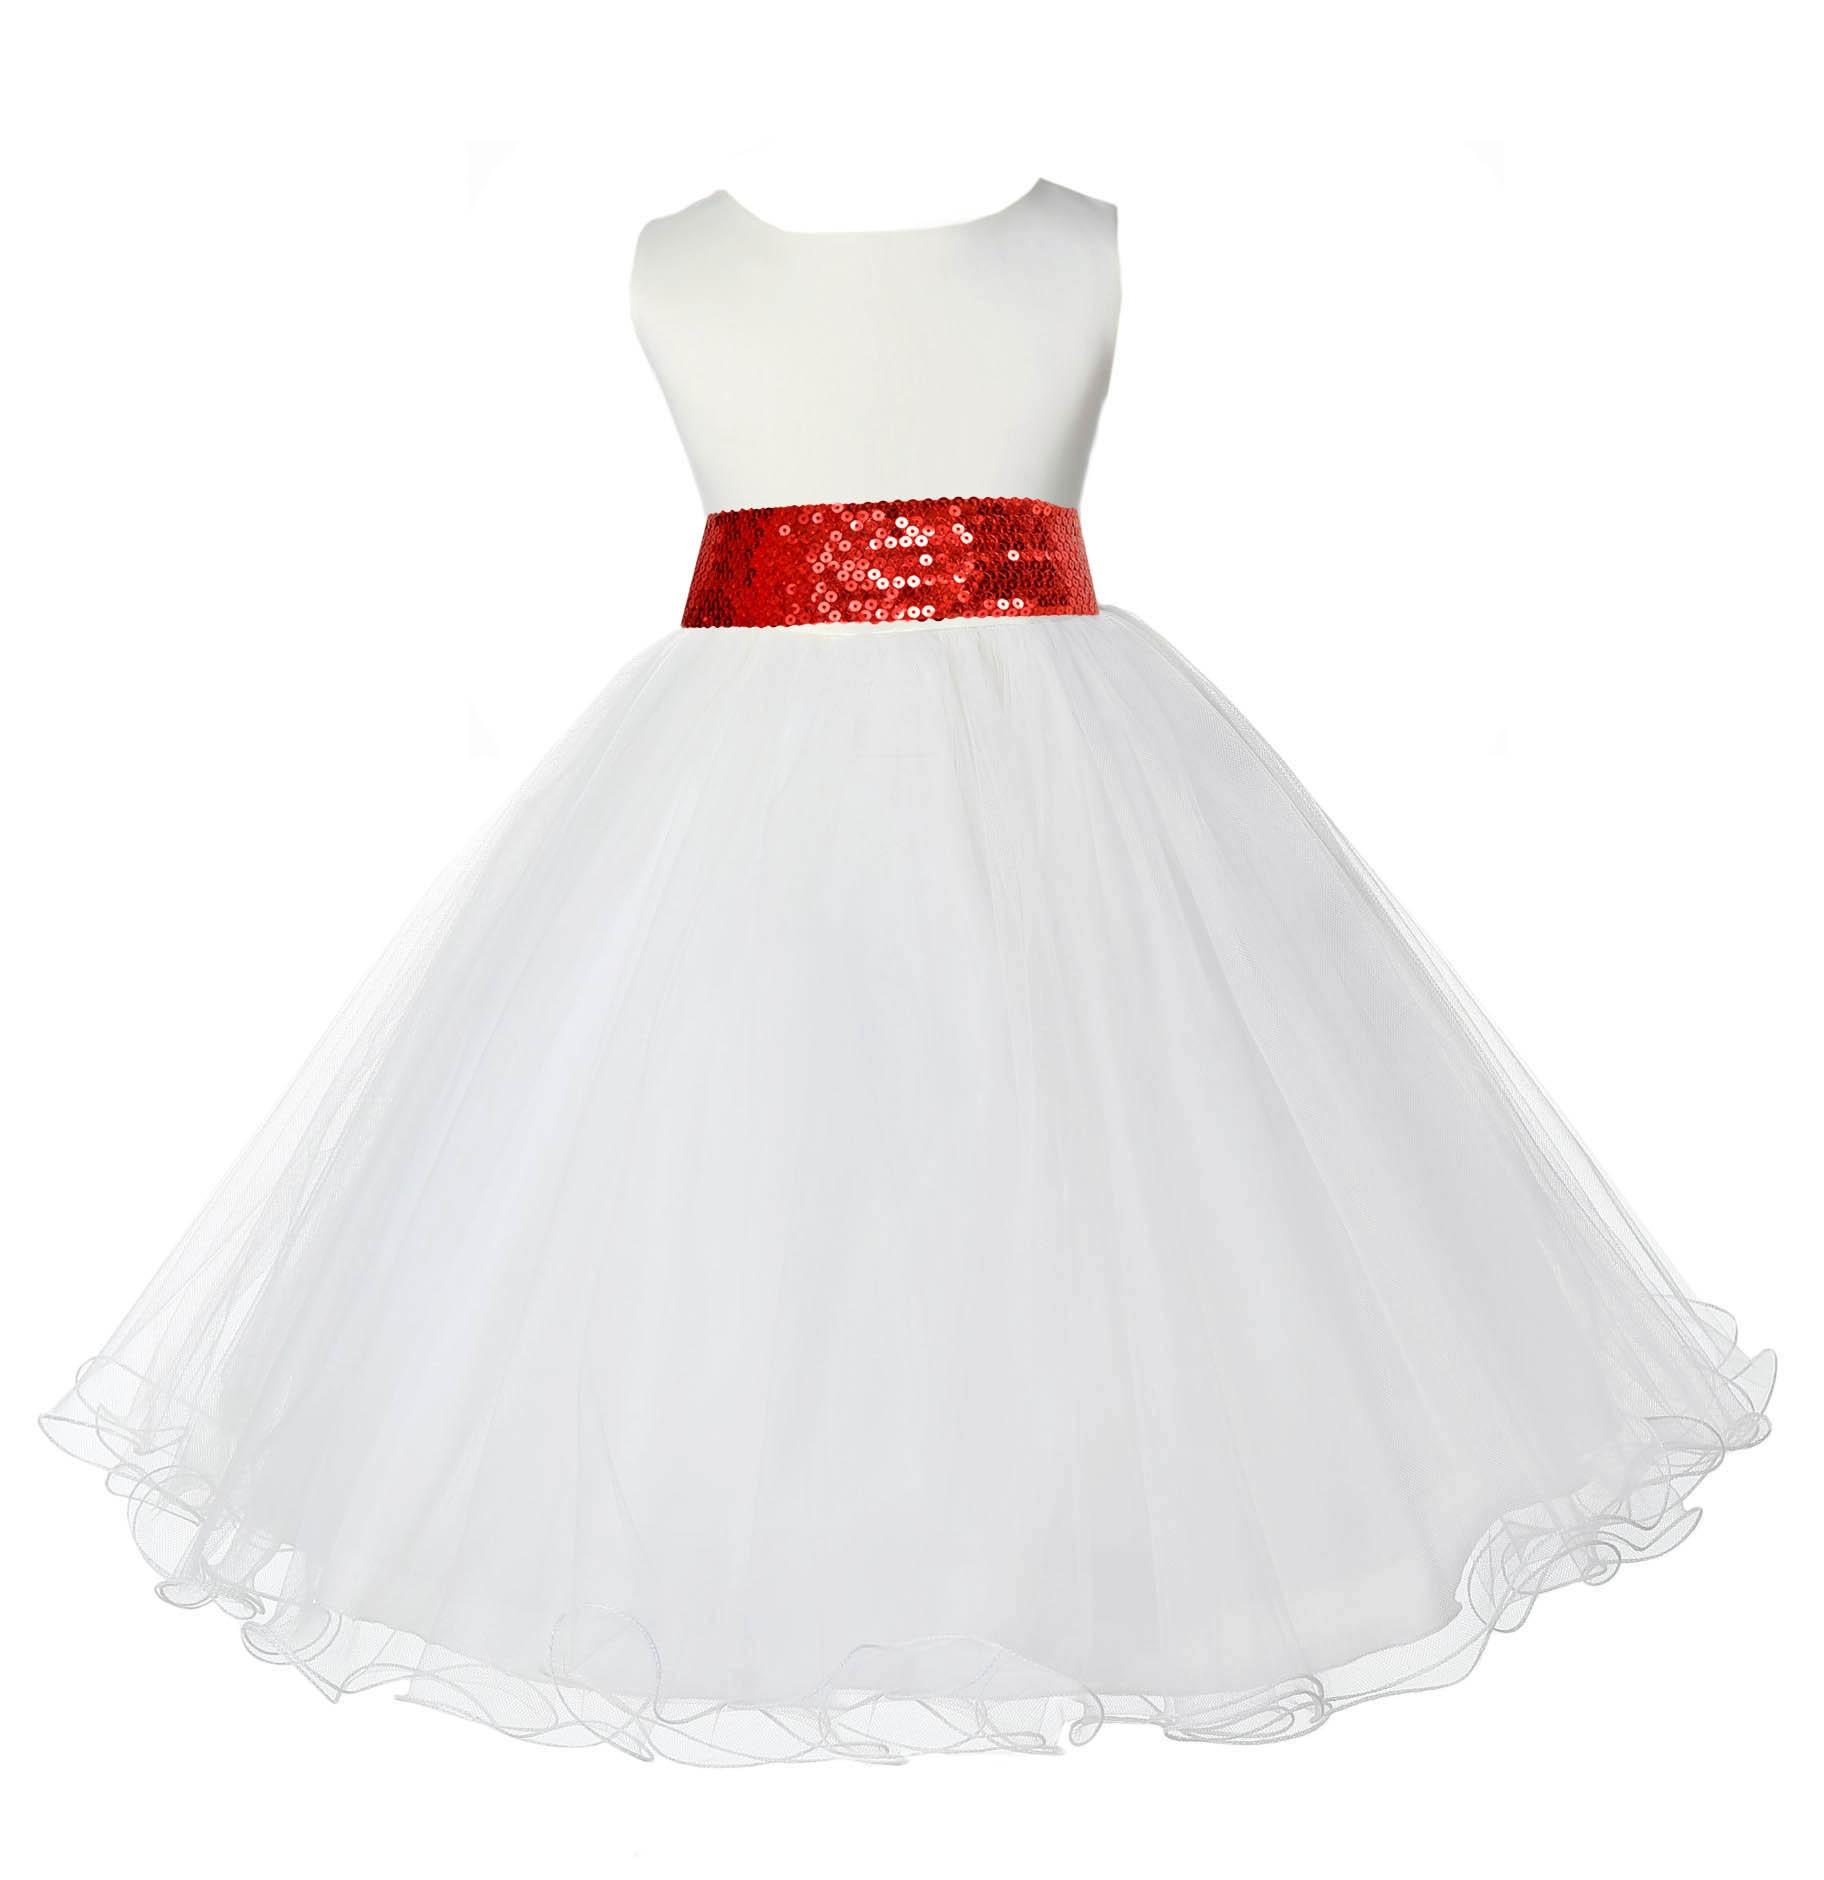 Ivory Tulle Rattail Edge Red Sequin Sash Flower Girl Dress 829mh